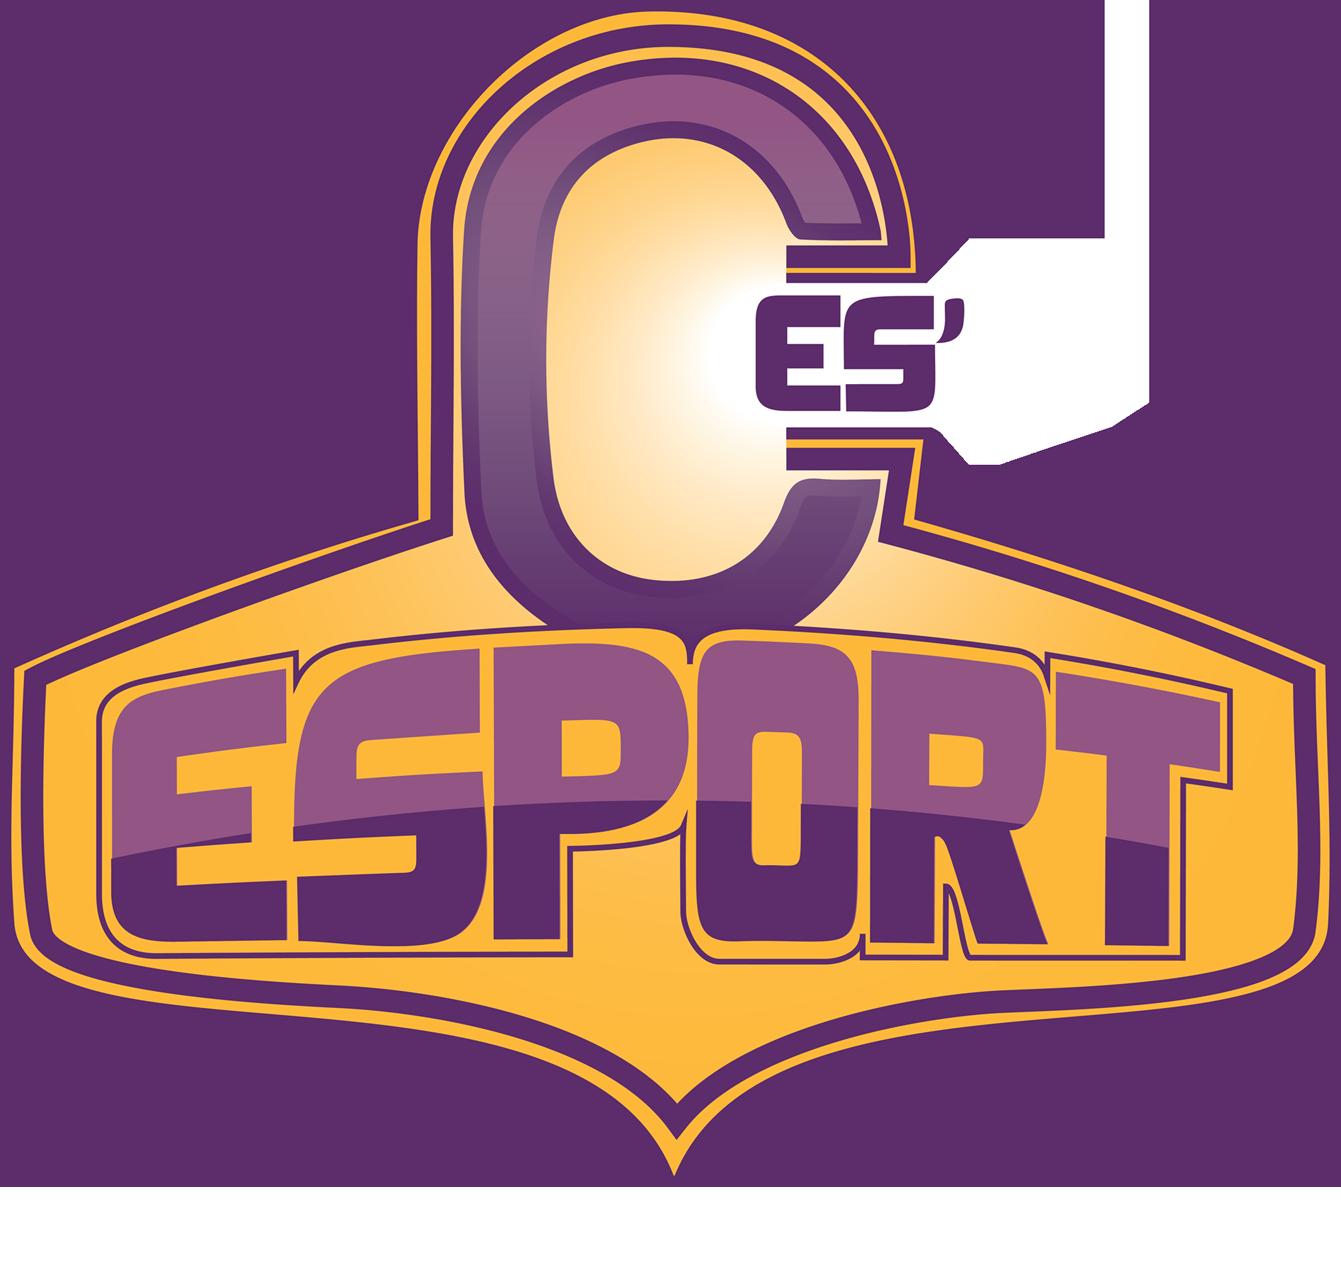 CES'esport